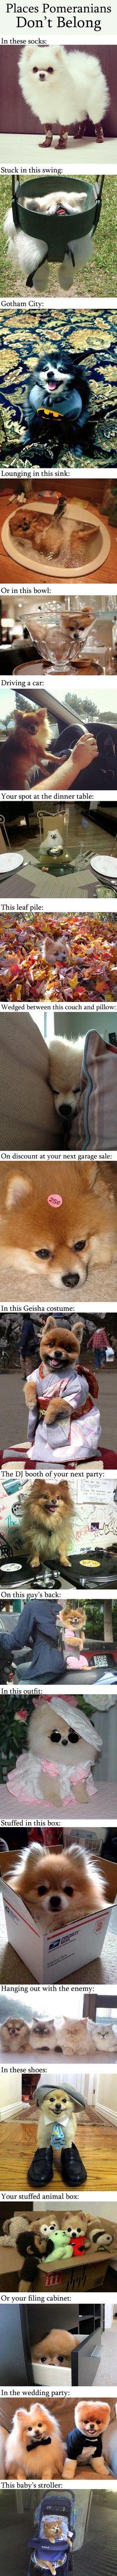 Places Pomeranians don't belong.